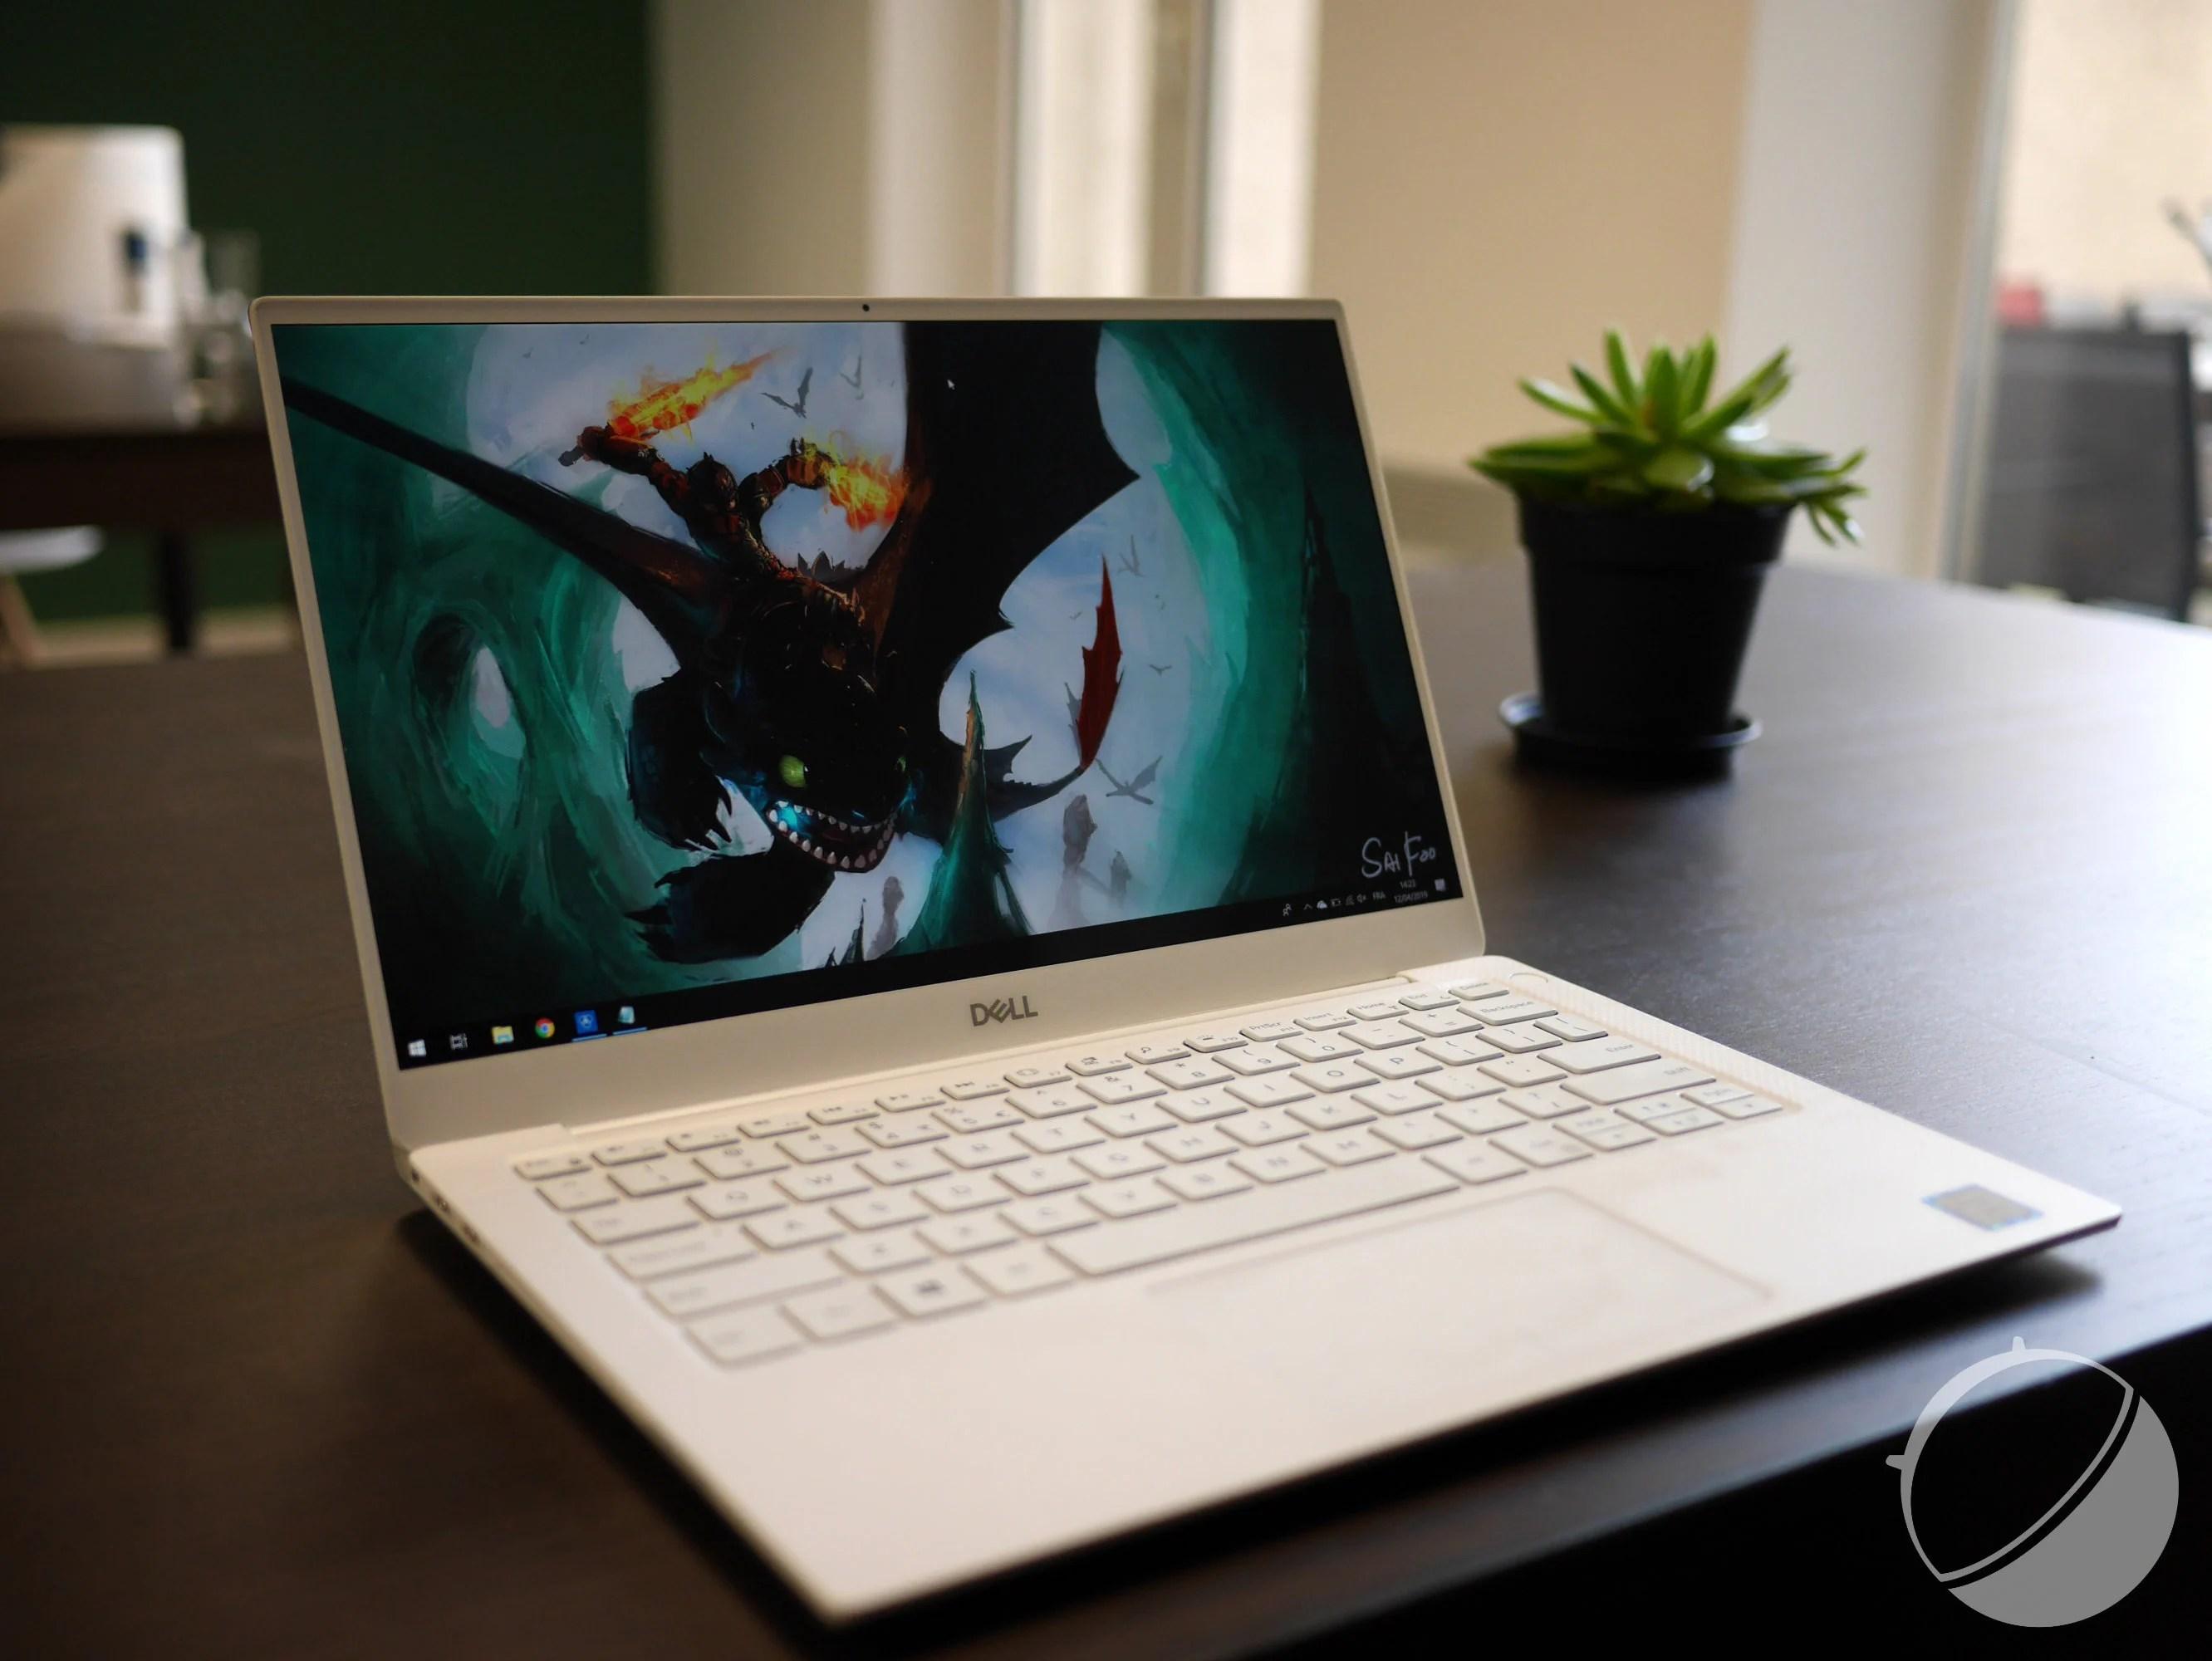 Test du Dell XPS 13 9380 (2019) : du mieux et du moins bon